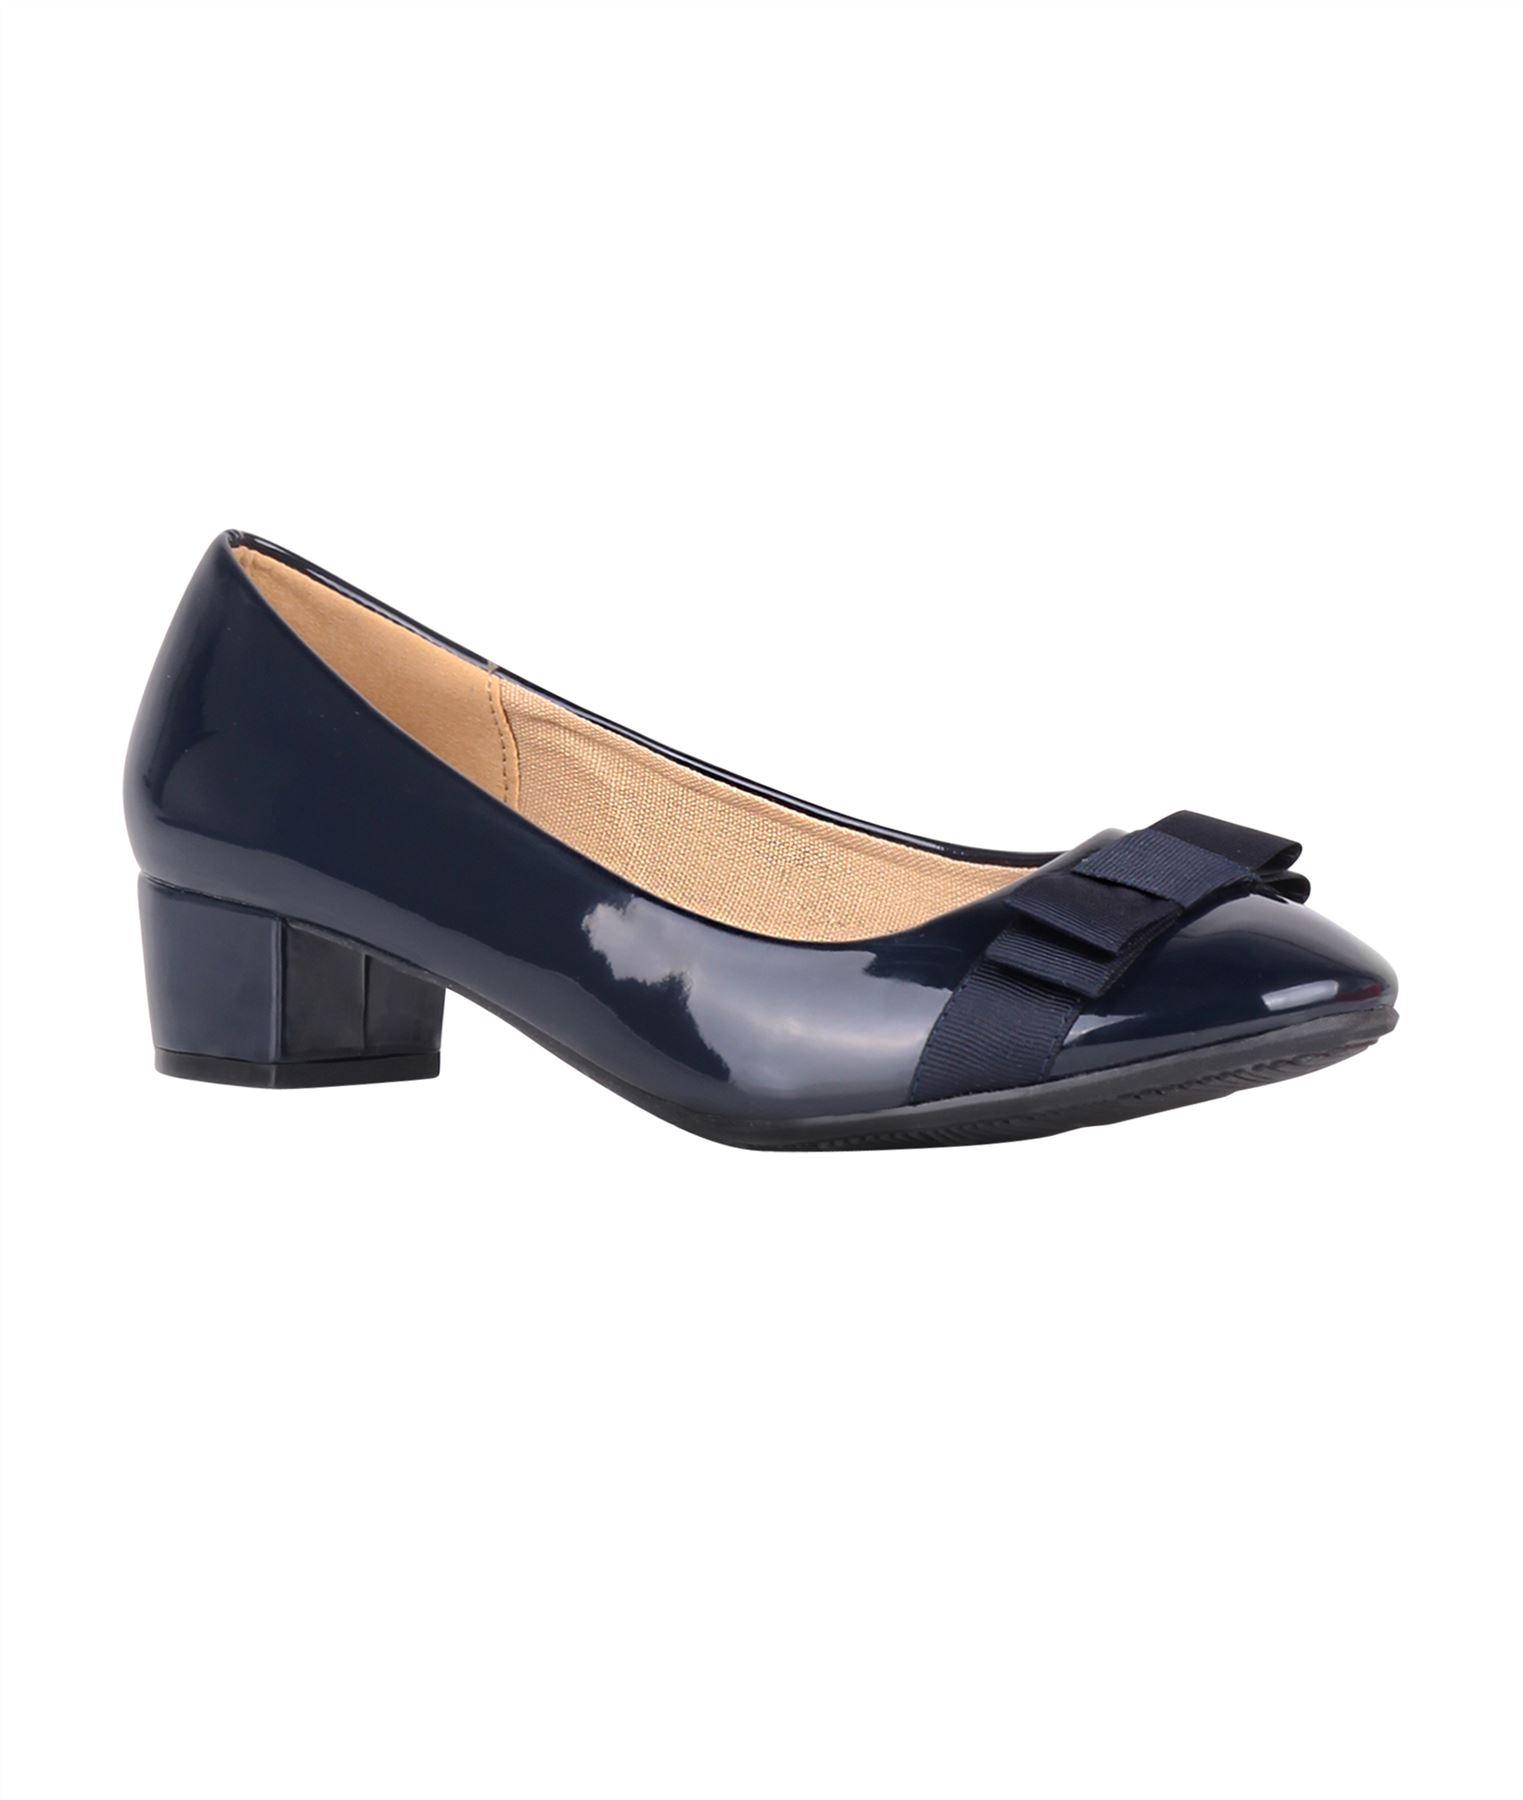 Damen-Elegante-Absatzschuhe-Hochlganz-Pumps-Blockabsatz-Ballerina-Schuhe-Chic Indexbild 18